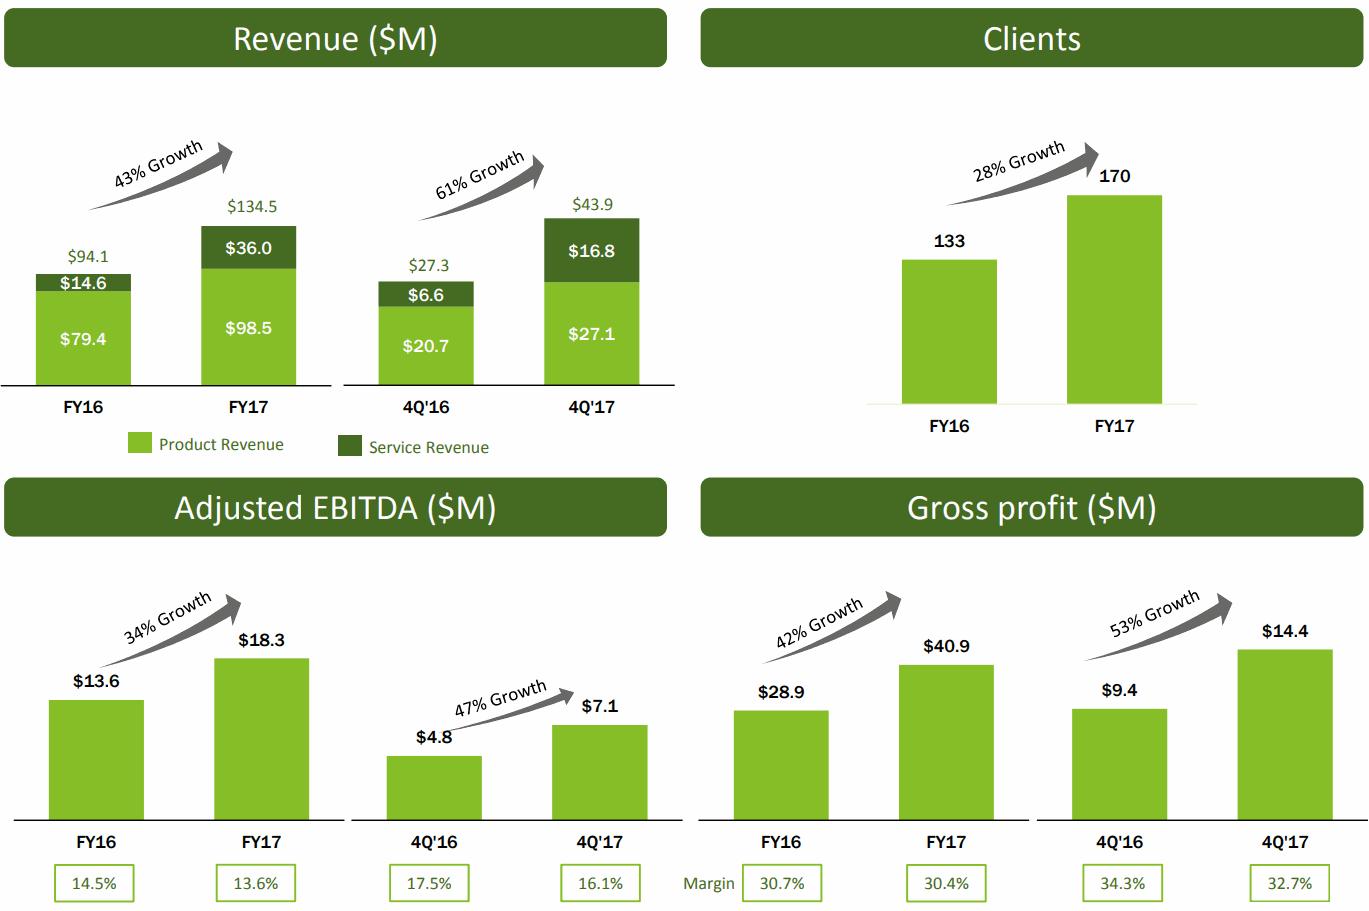 Tabula-Rasa-HealthCare-EBITDA